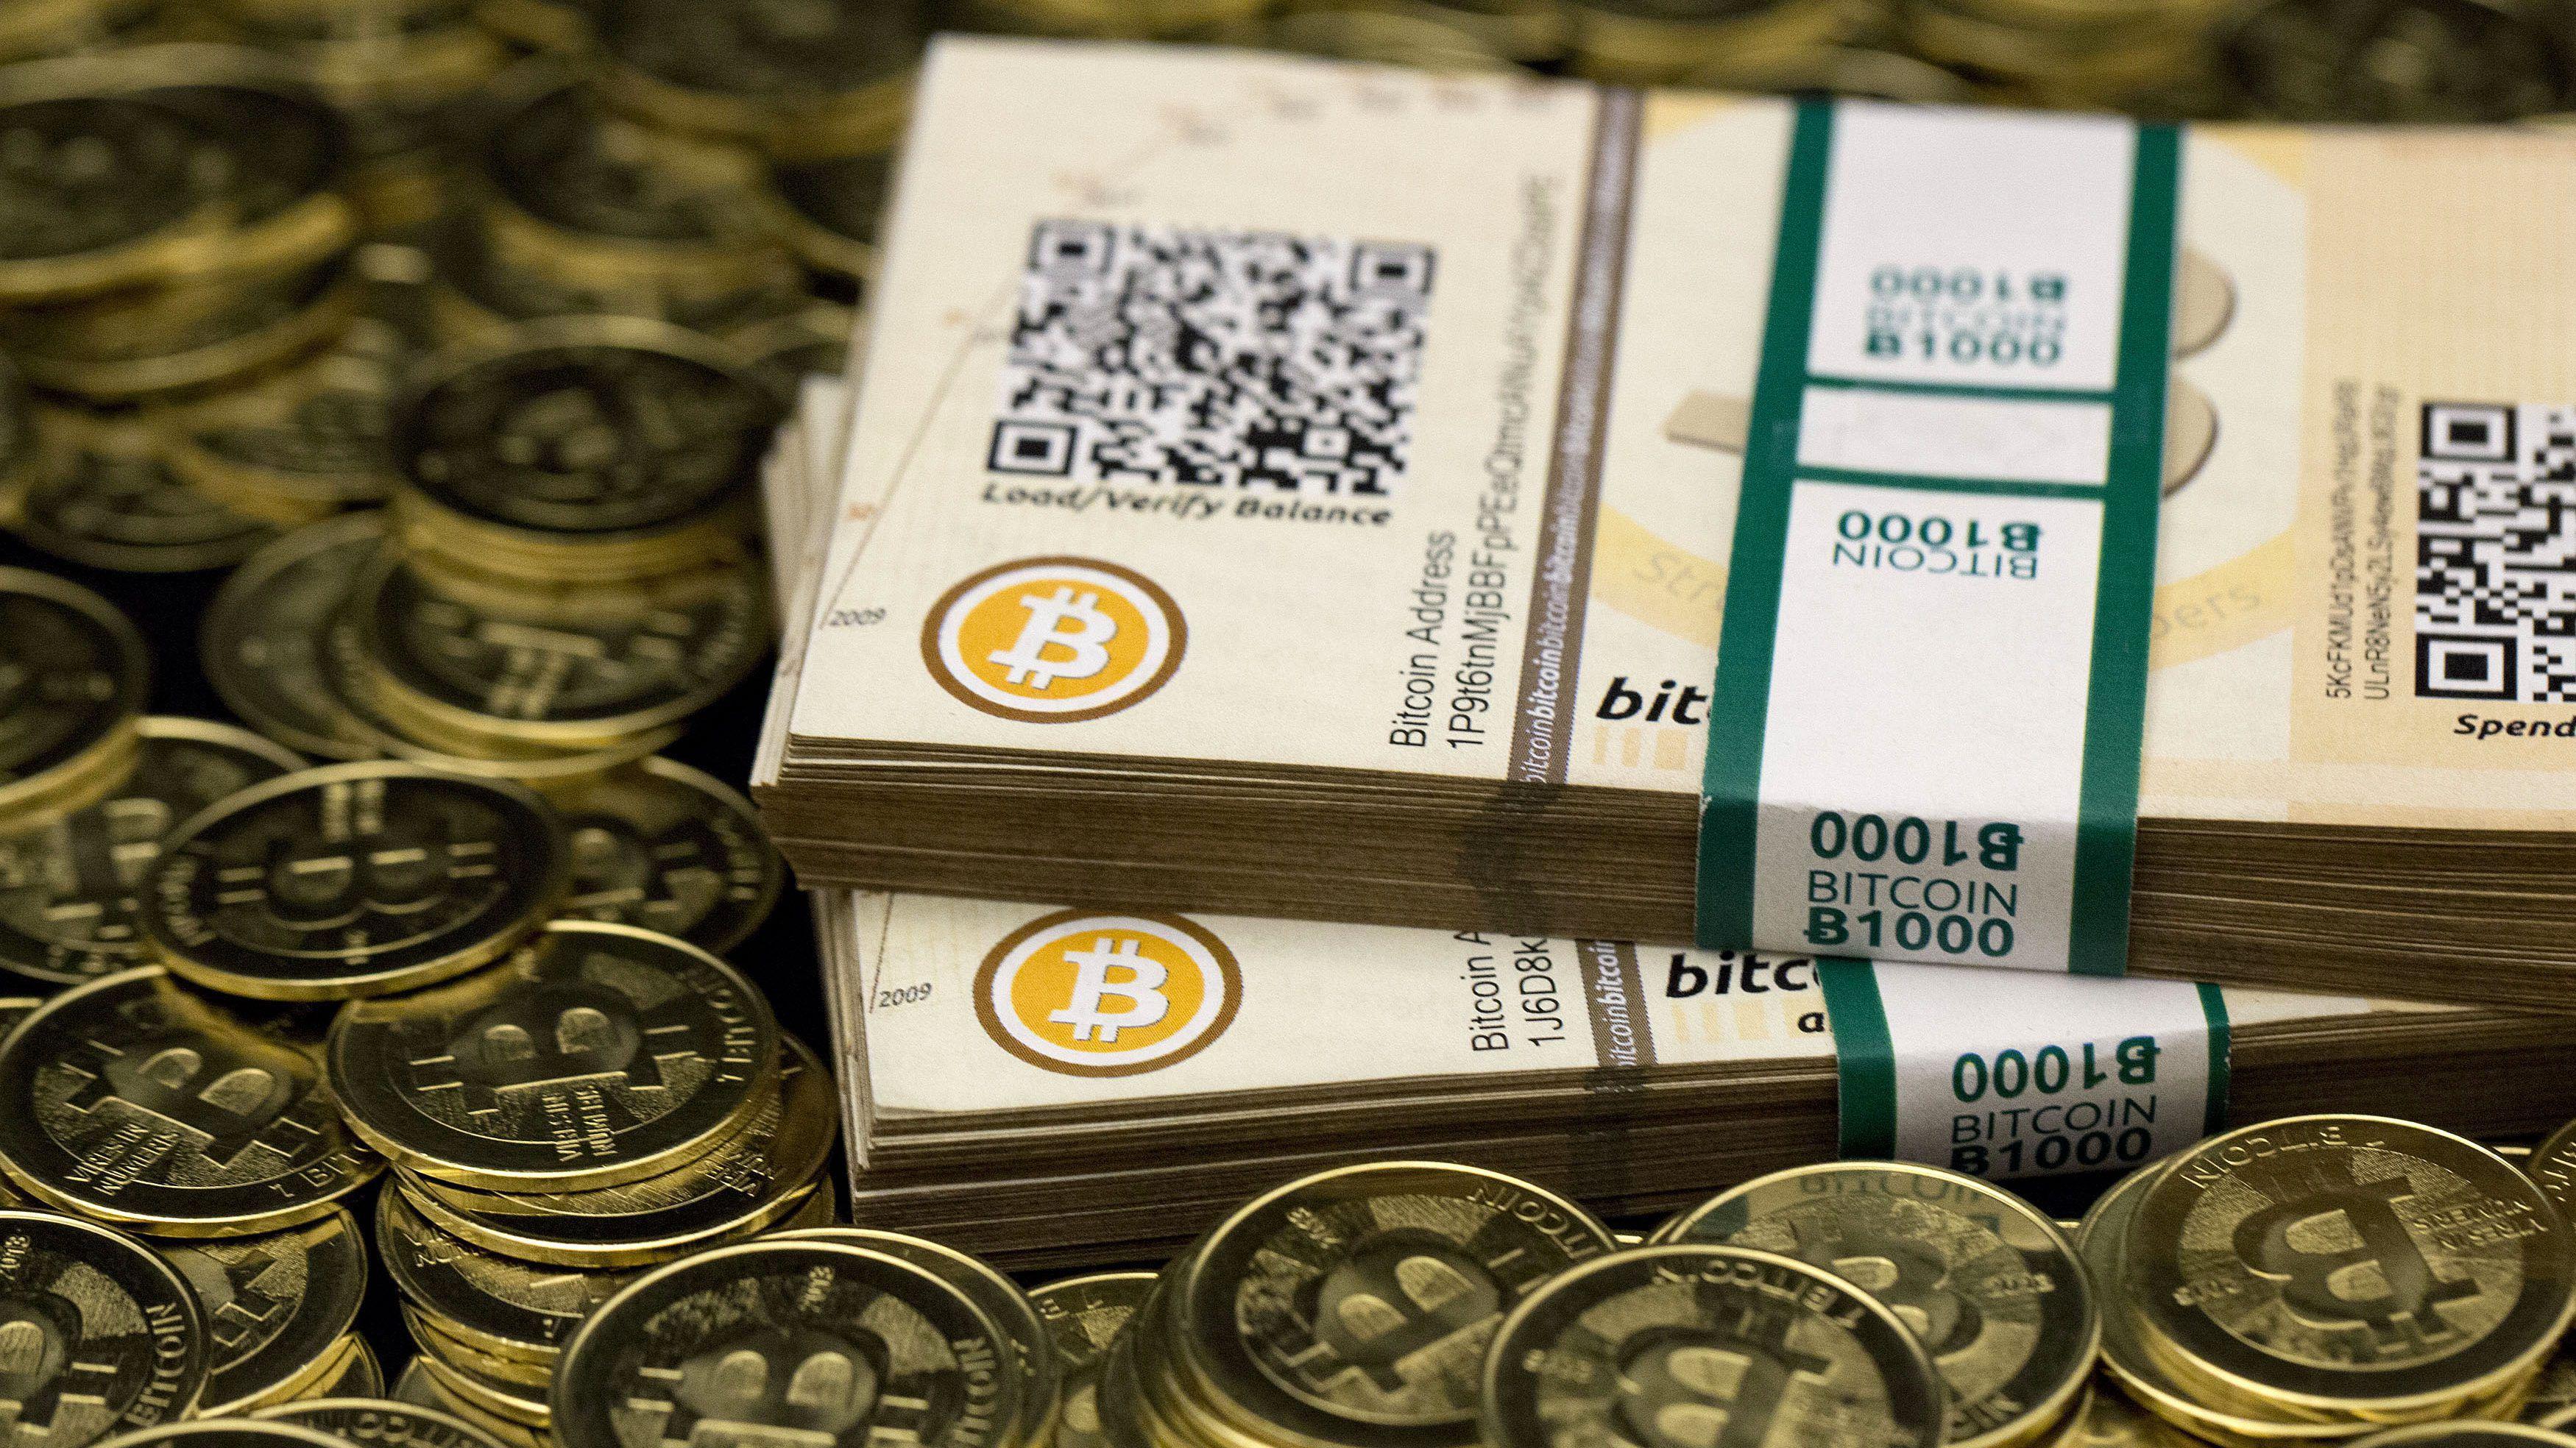 bitcoin vs bitcoin cash vs bitcoin gold